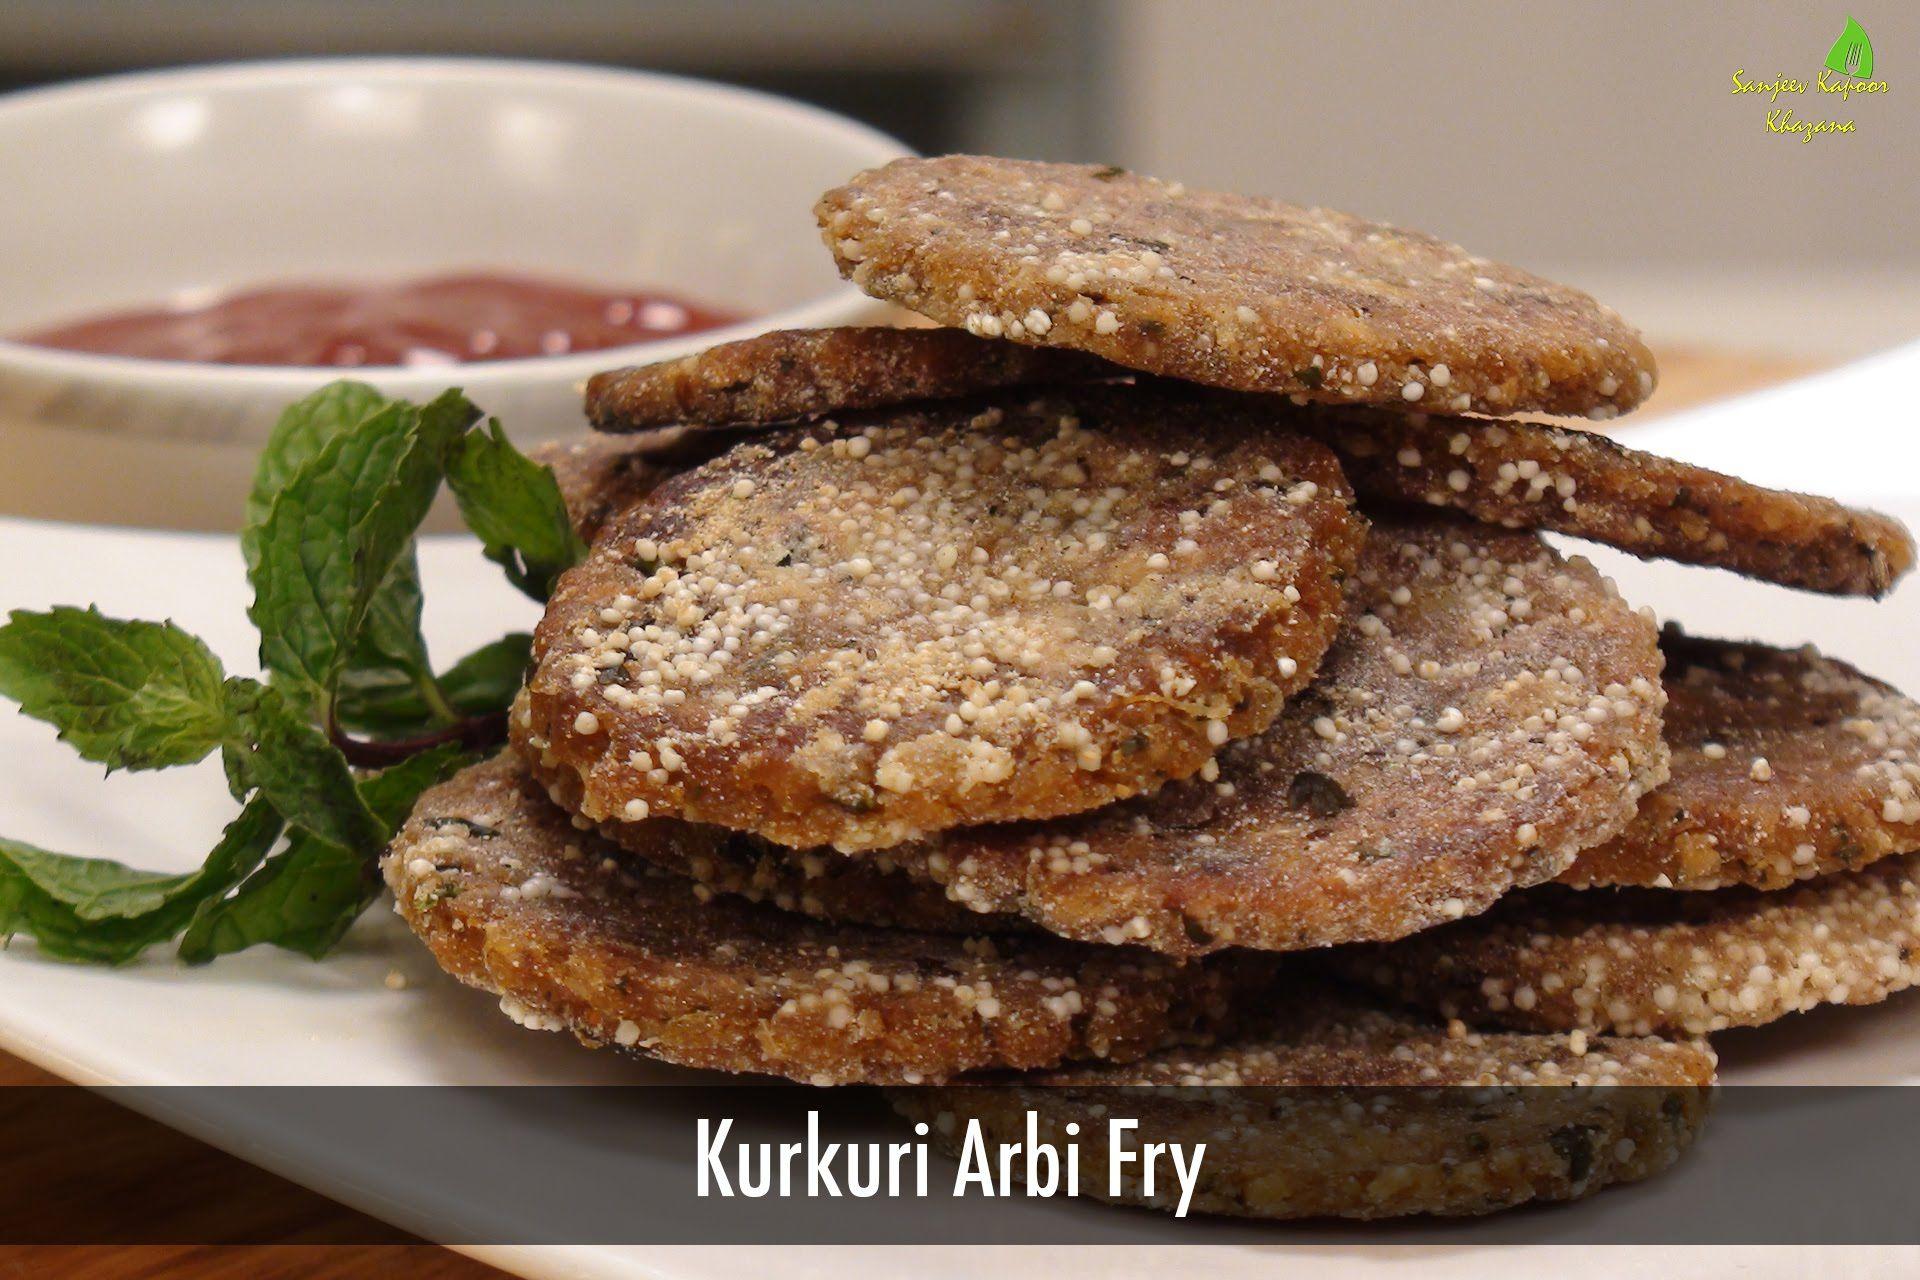 Kurkiri fried arbi starter recipes sanjeev kapoors khana food kurkiri fried arbi starter recipes sanjeev kapoors forumfinder Image collections